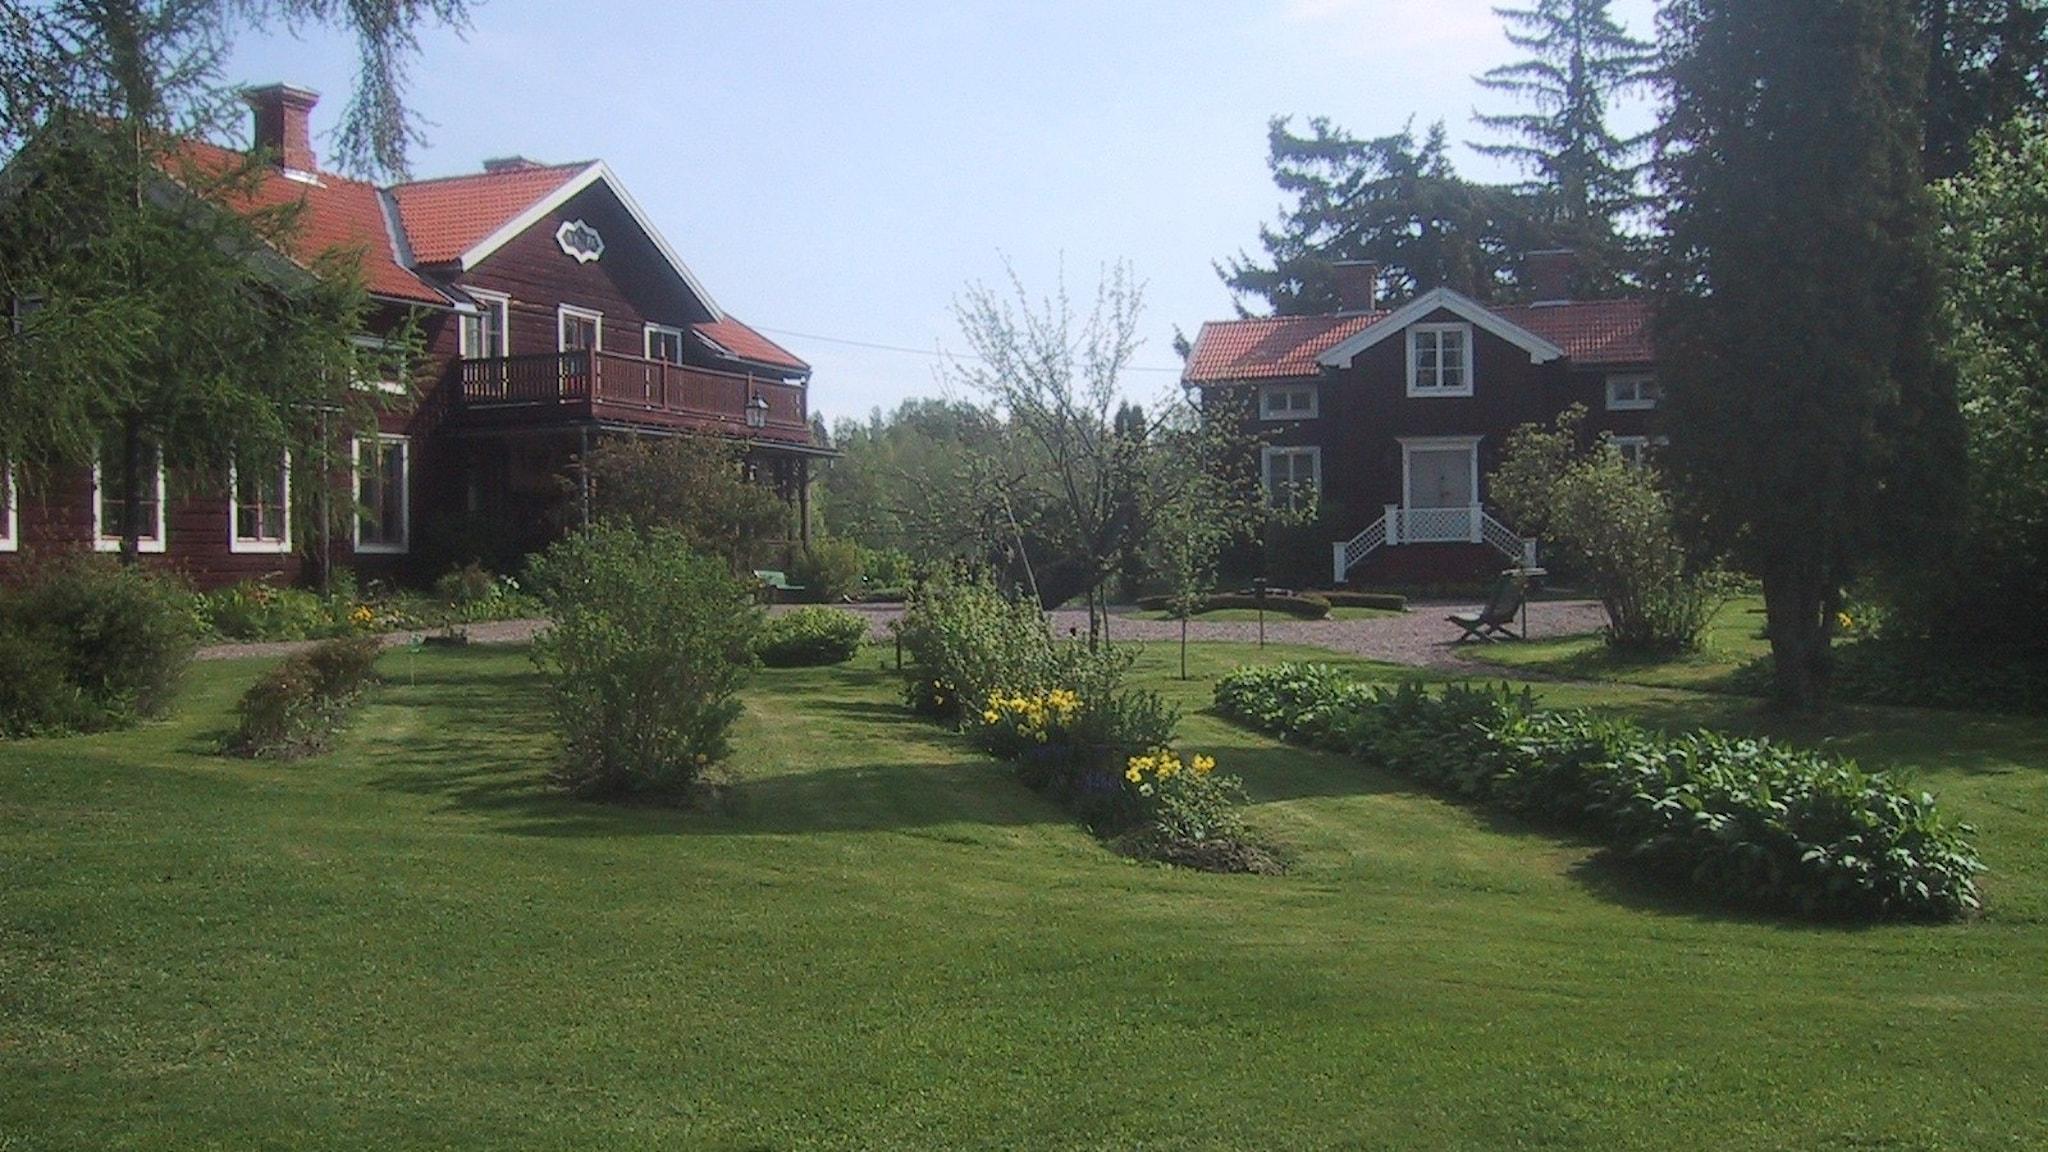 Faluröda hus och trädgård med rabatter och gräsmatta